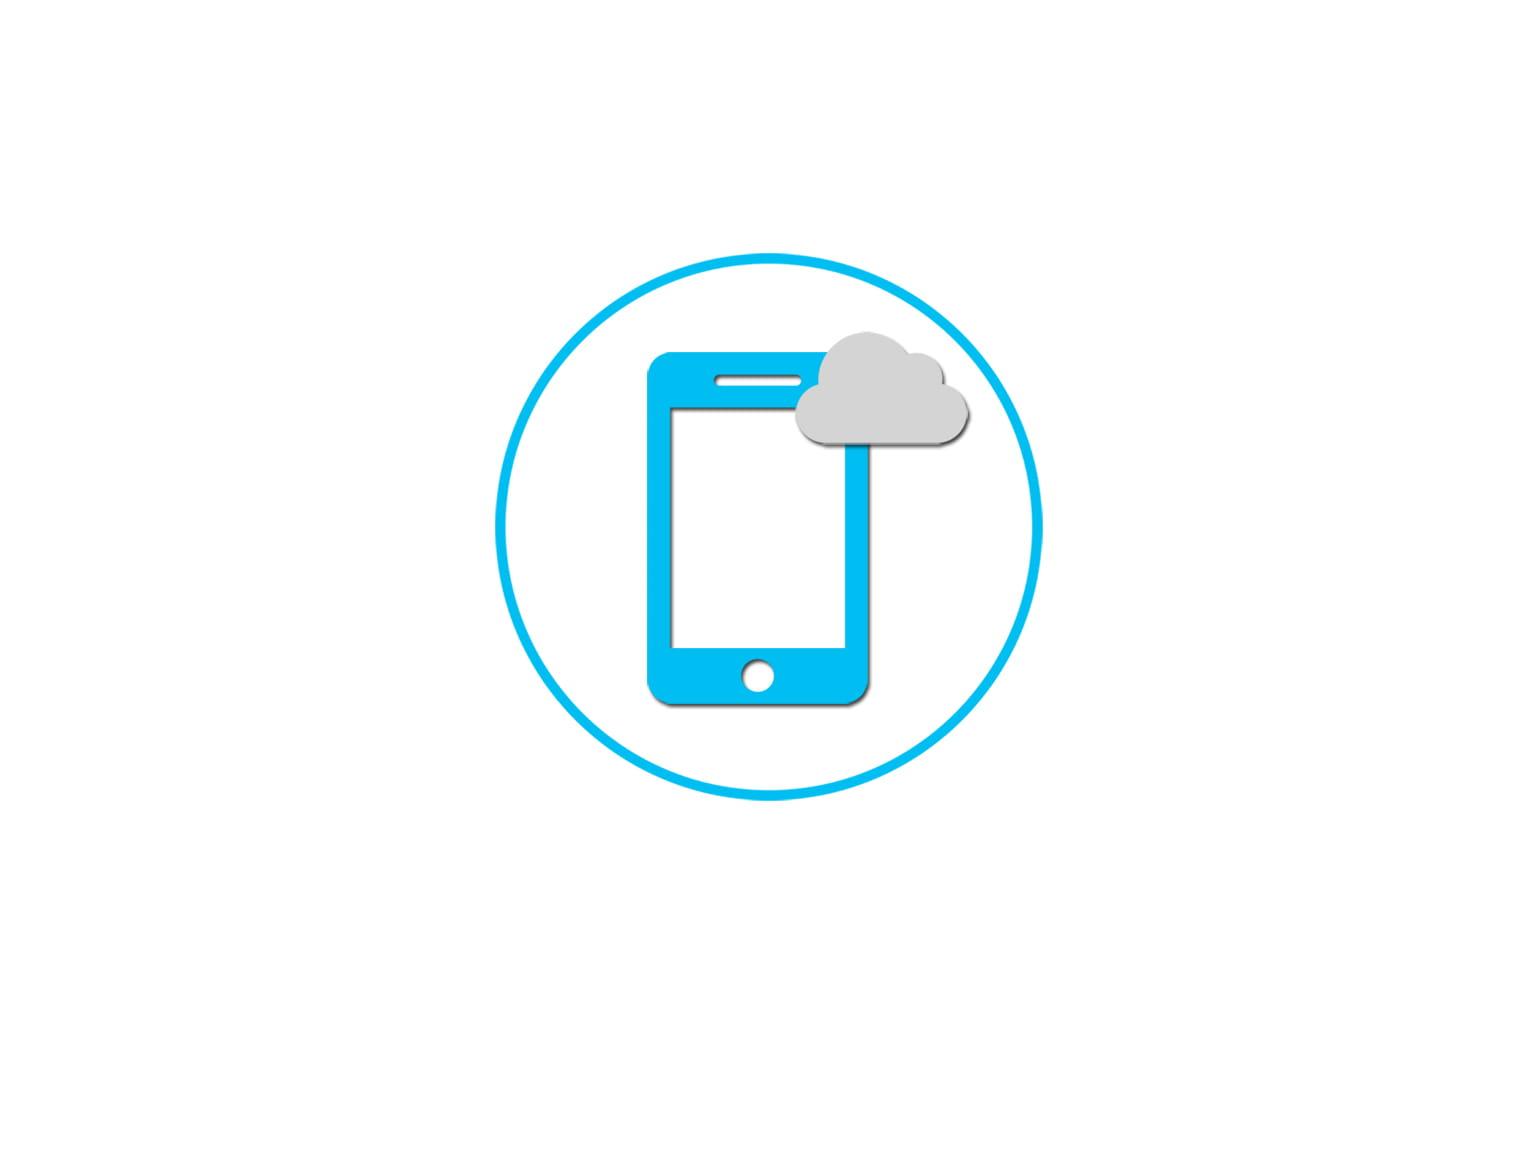 mobil i skyen